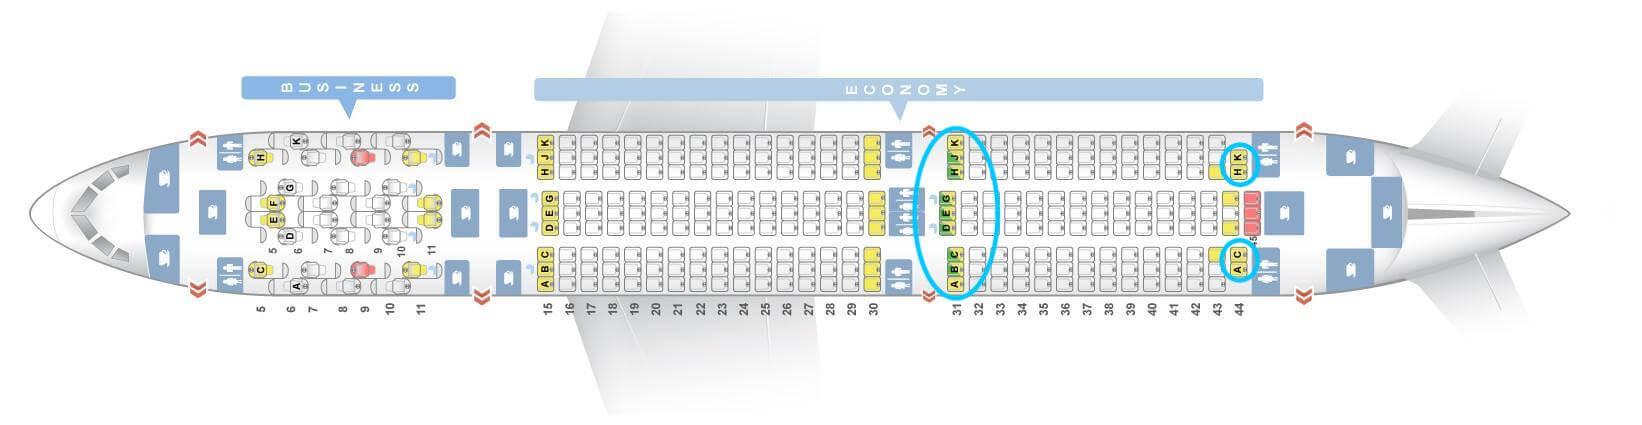 Etihad Airways Boeing 787-900 Layout 2